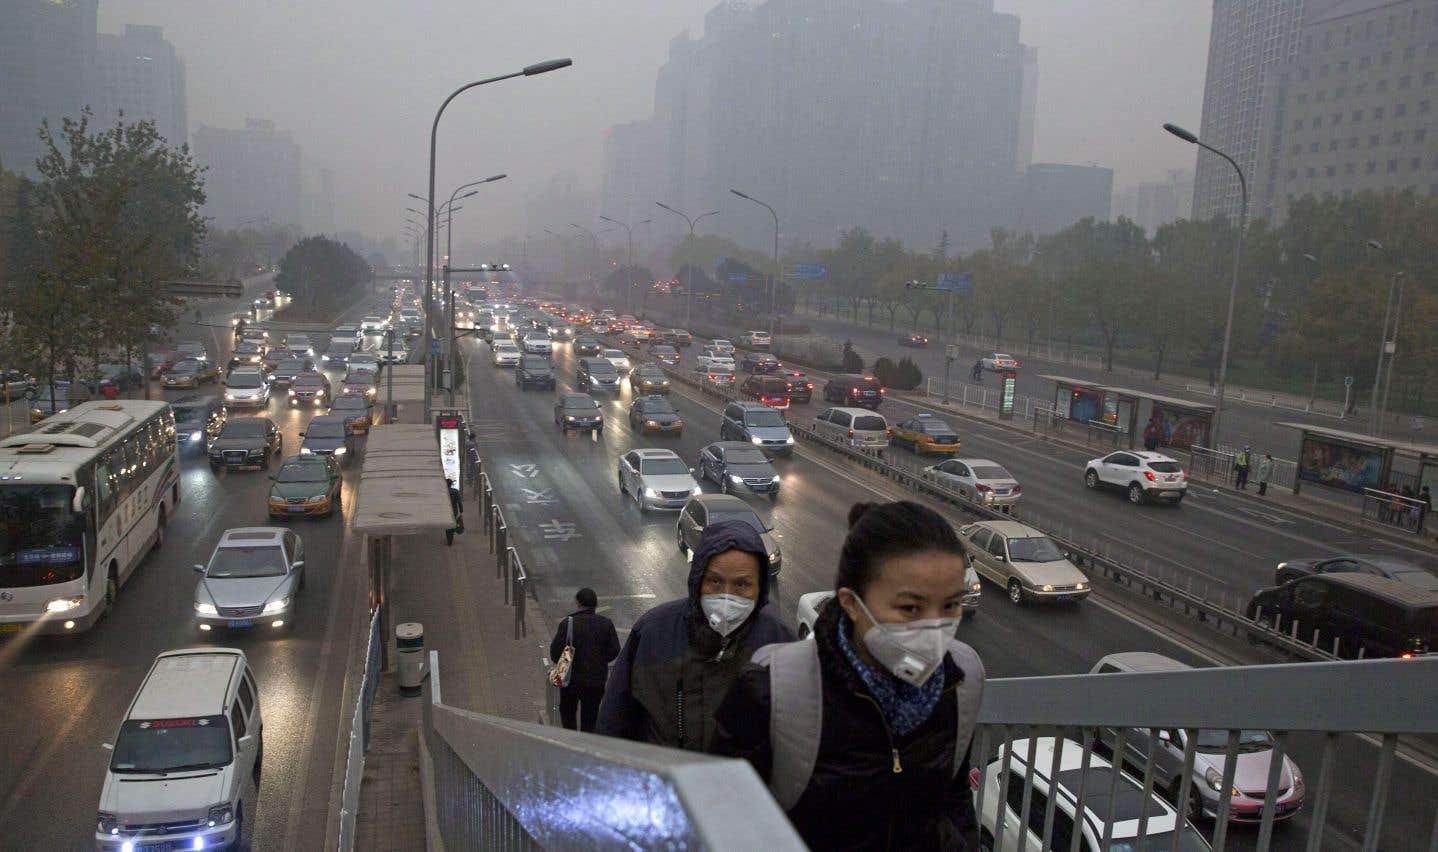 La concentration de CO2 dans l'air atteint un niveau record